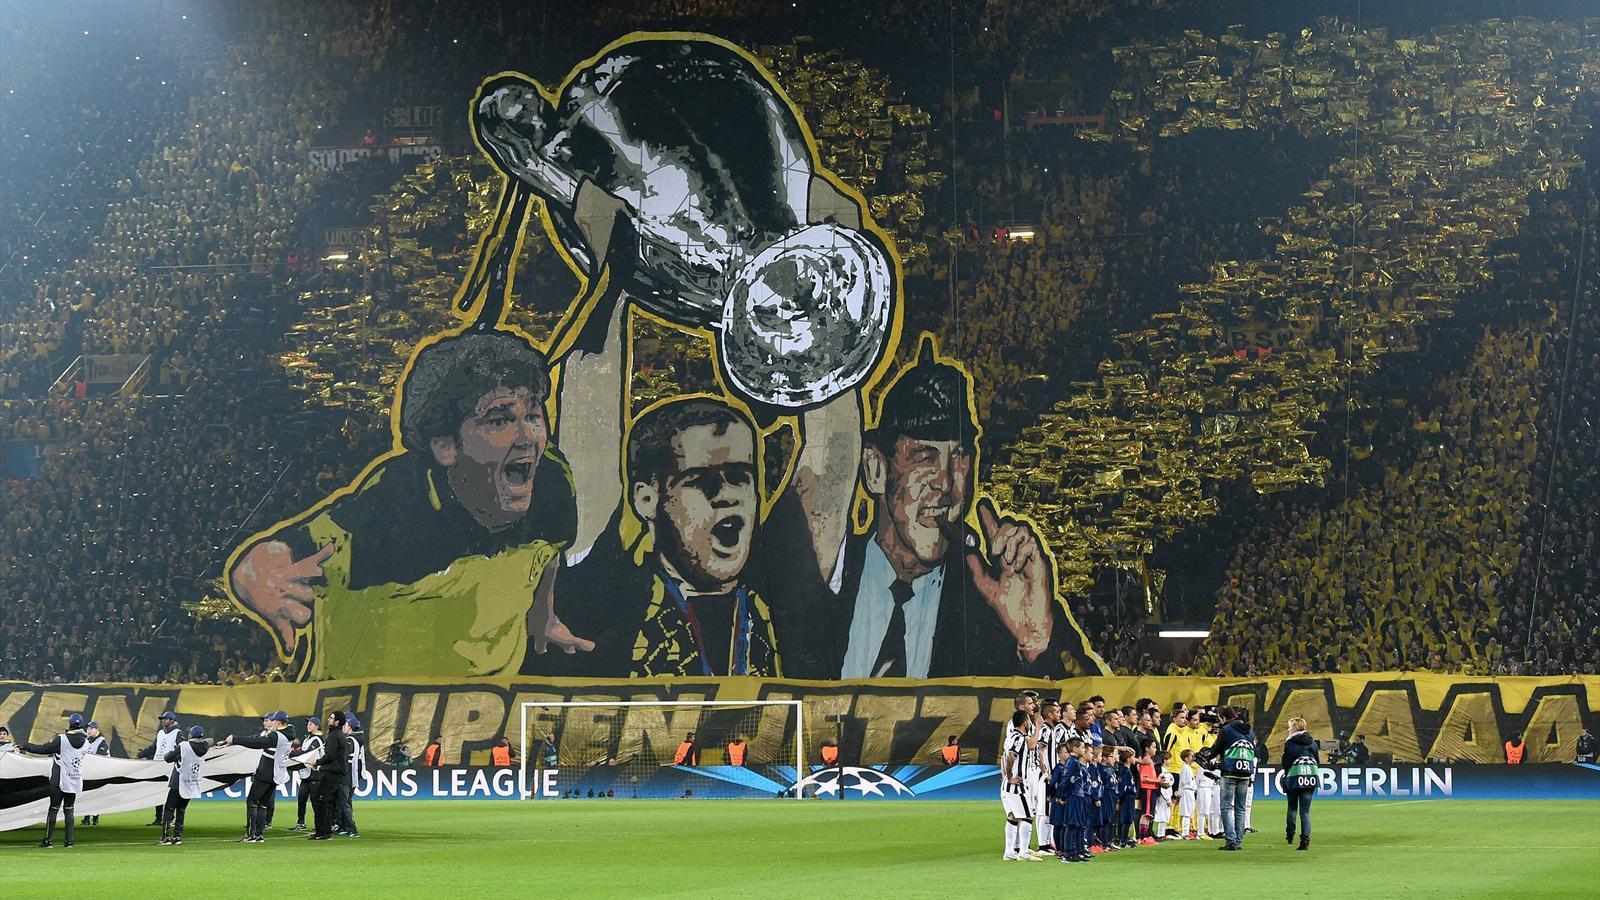 Le tifo des supporters de Dortmund face à la Juventus